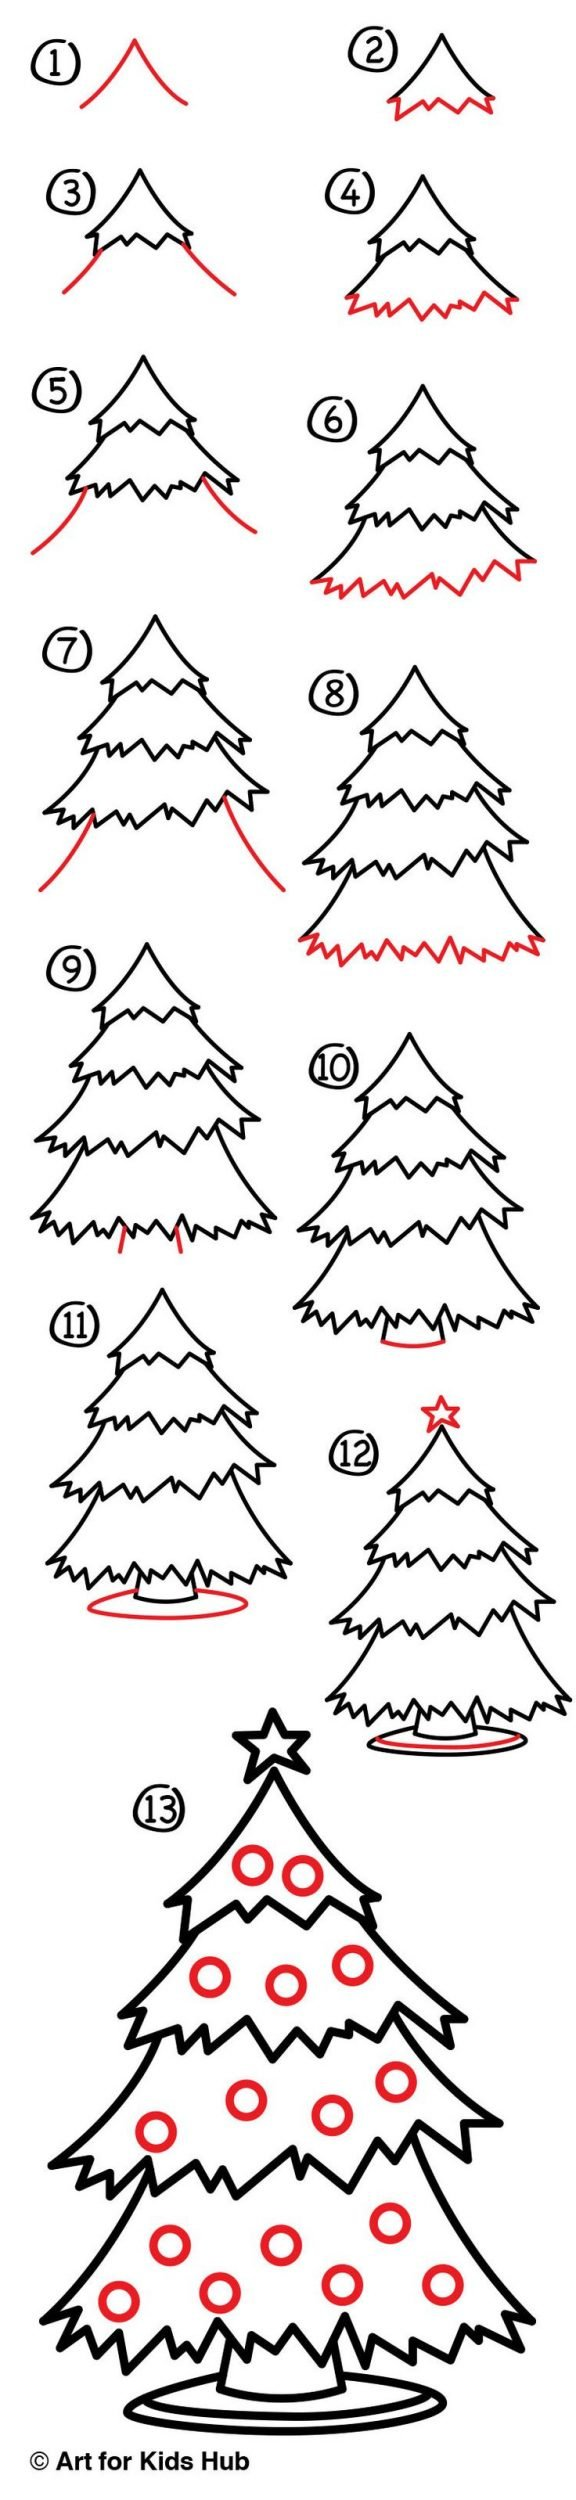 Zeichnen lernen Ausmalbilder Weihnachten